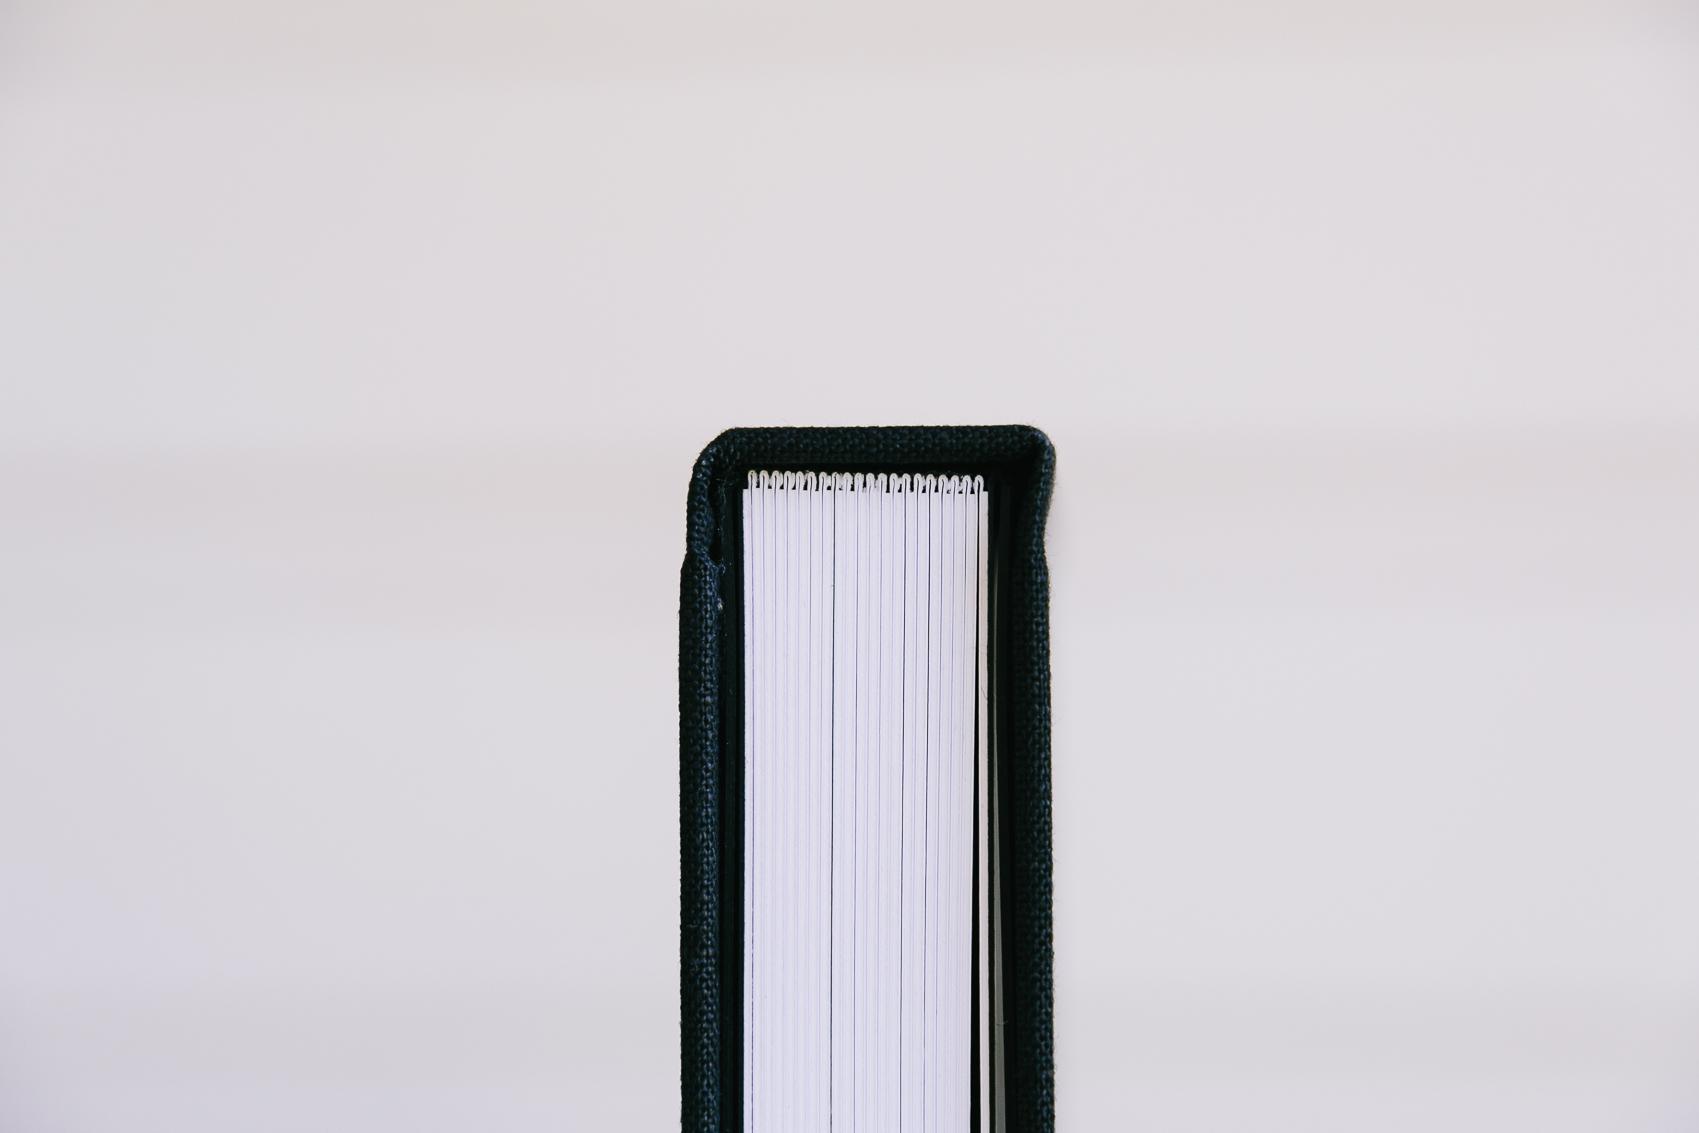 Books2019-0053.jpg